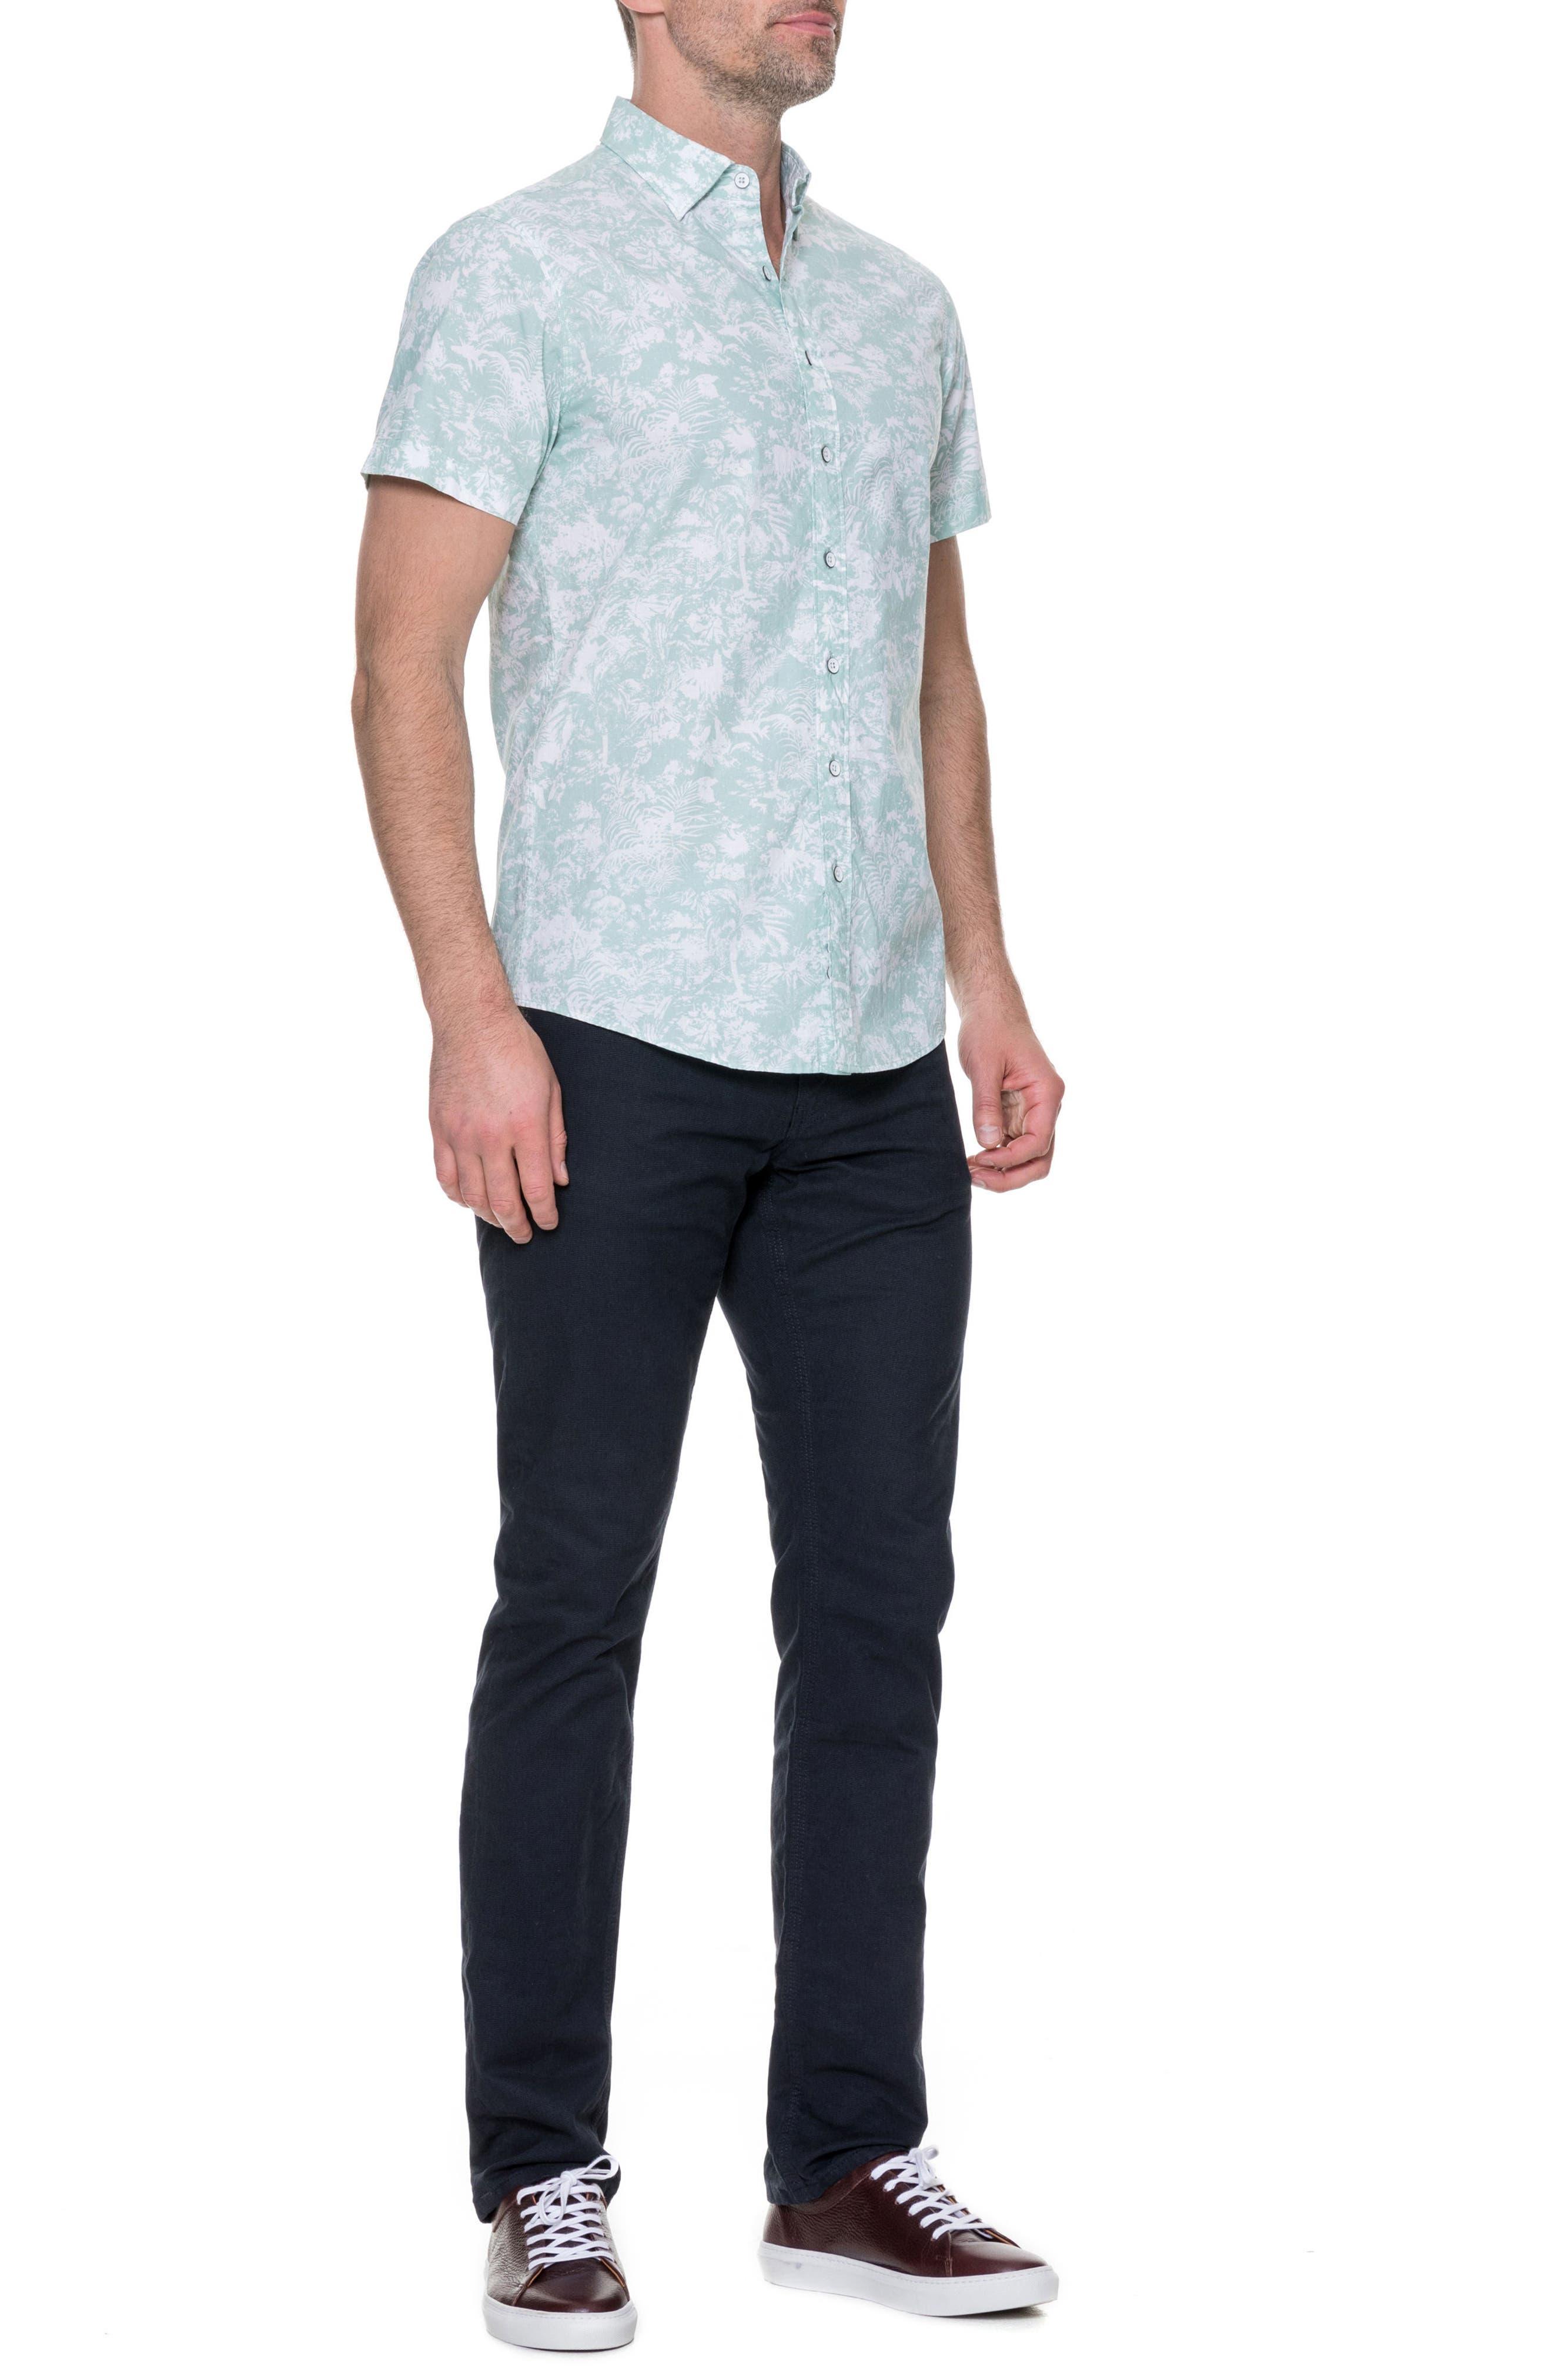 RODD & GUNN,                             Redcastle Regular Fit Sport Shirt,                             Alternate thumbnail 5, color,                             POWDER BLUE